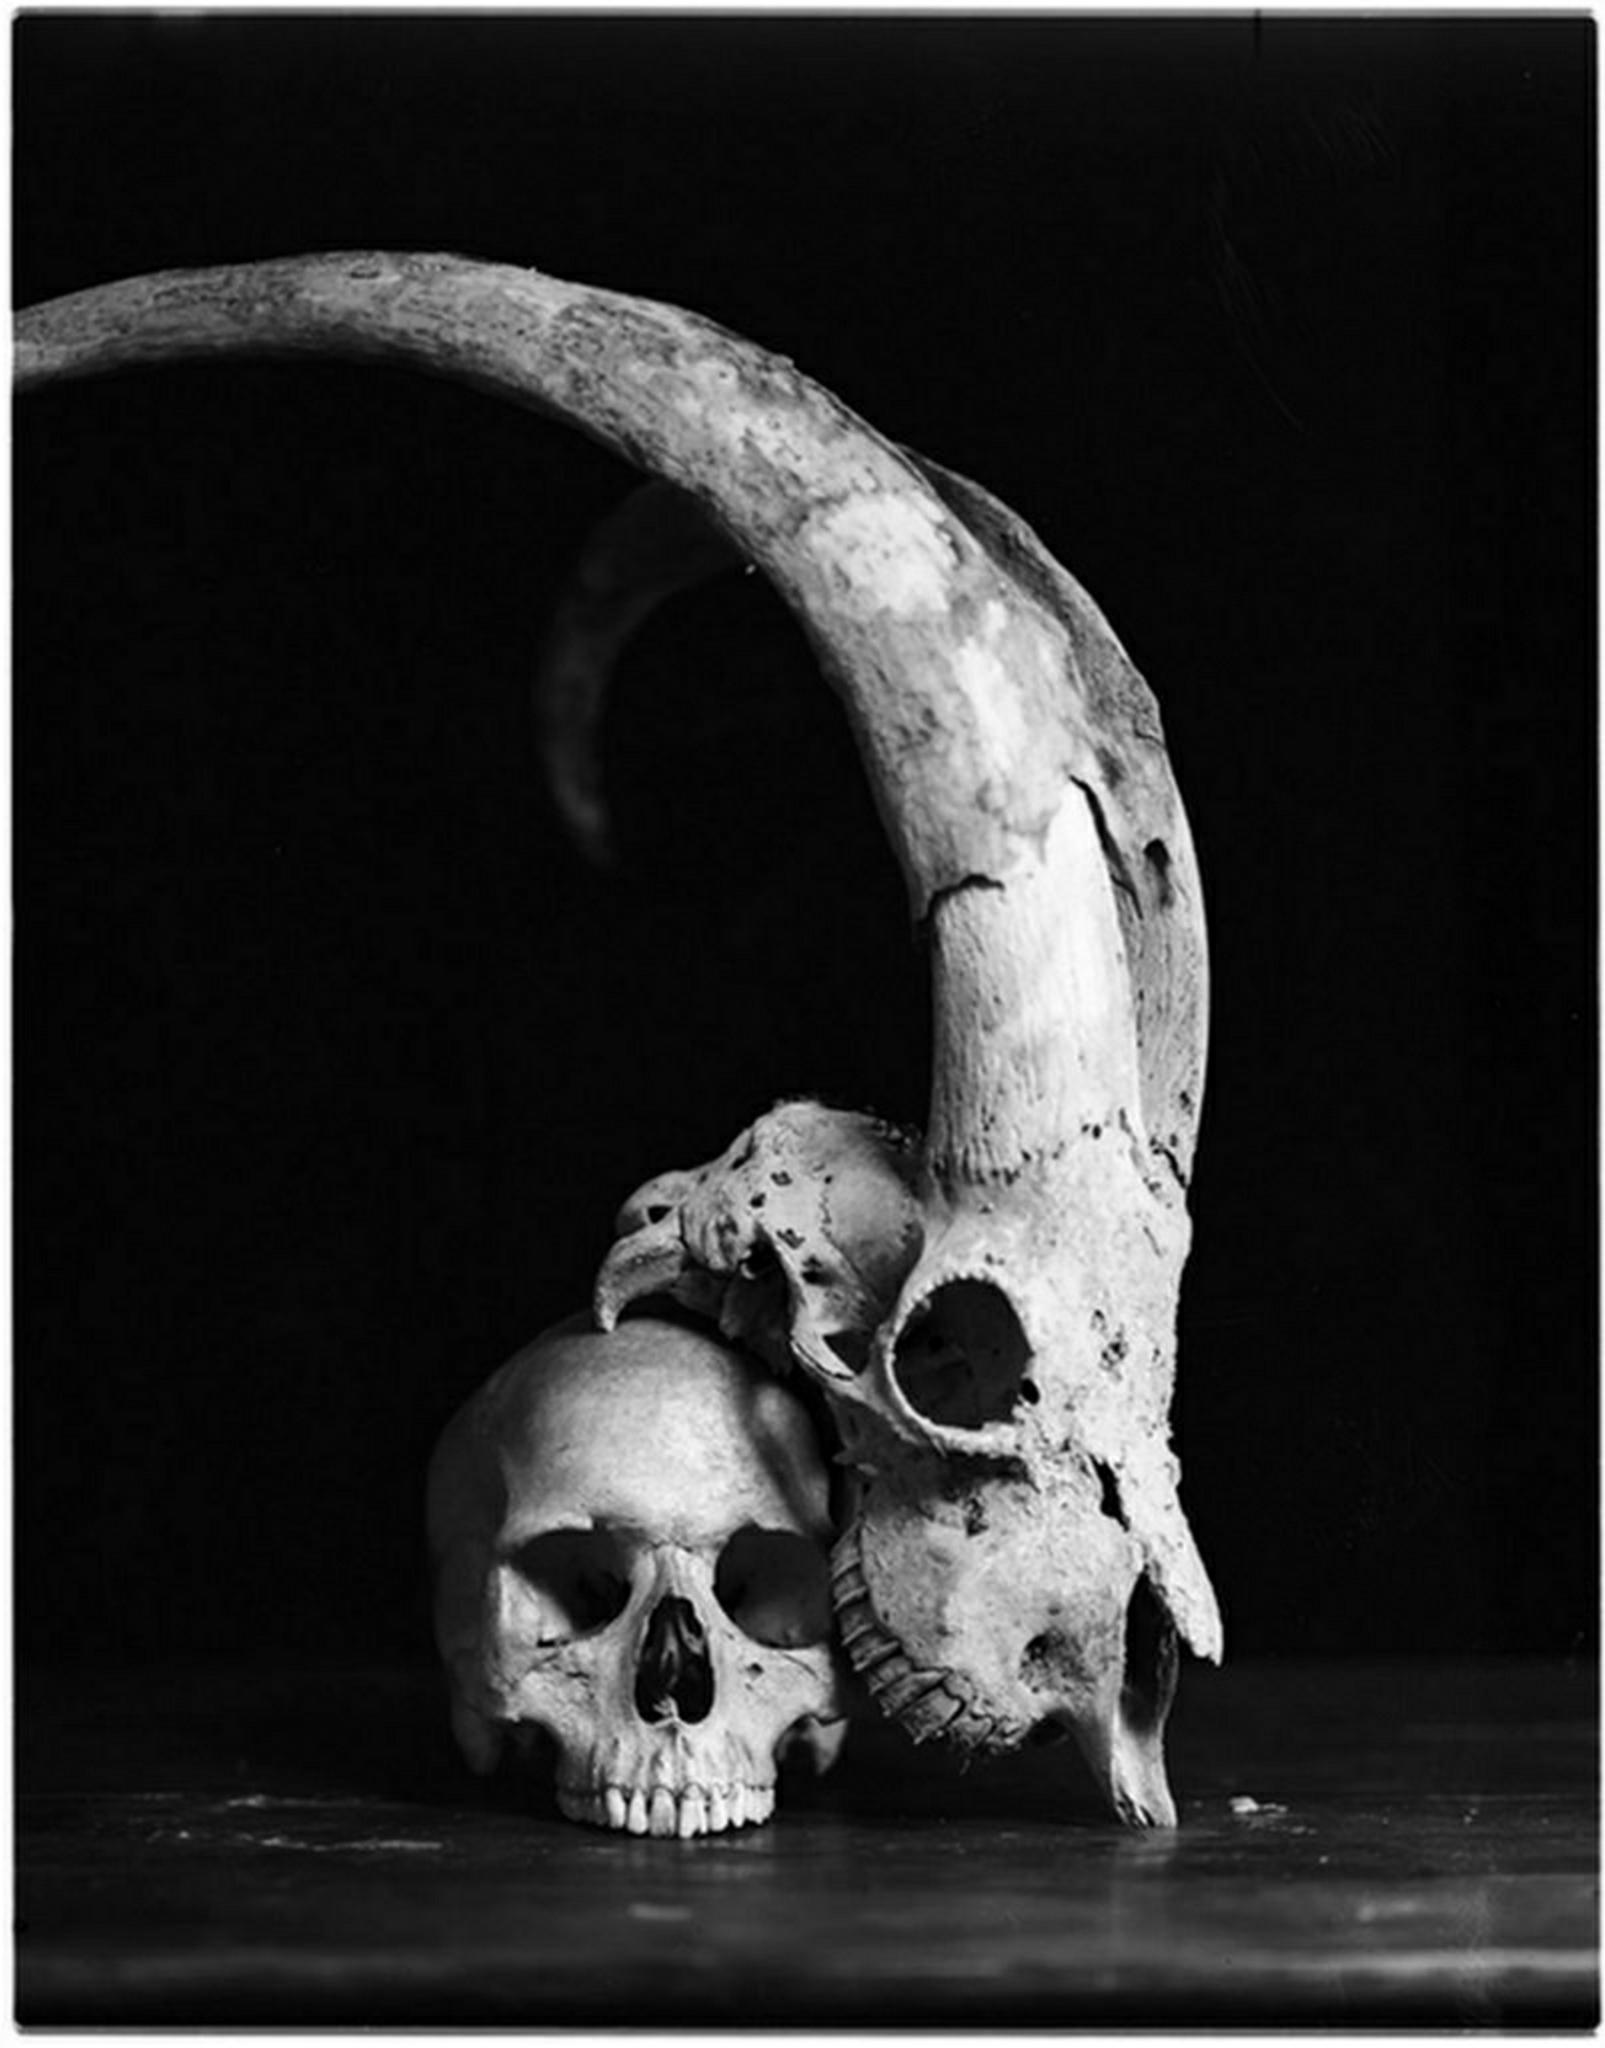 skull-demonic-fingers-satan-1565457-pxhere.com